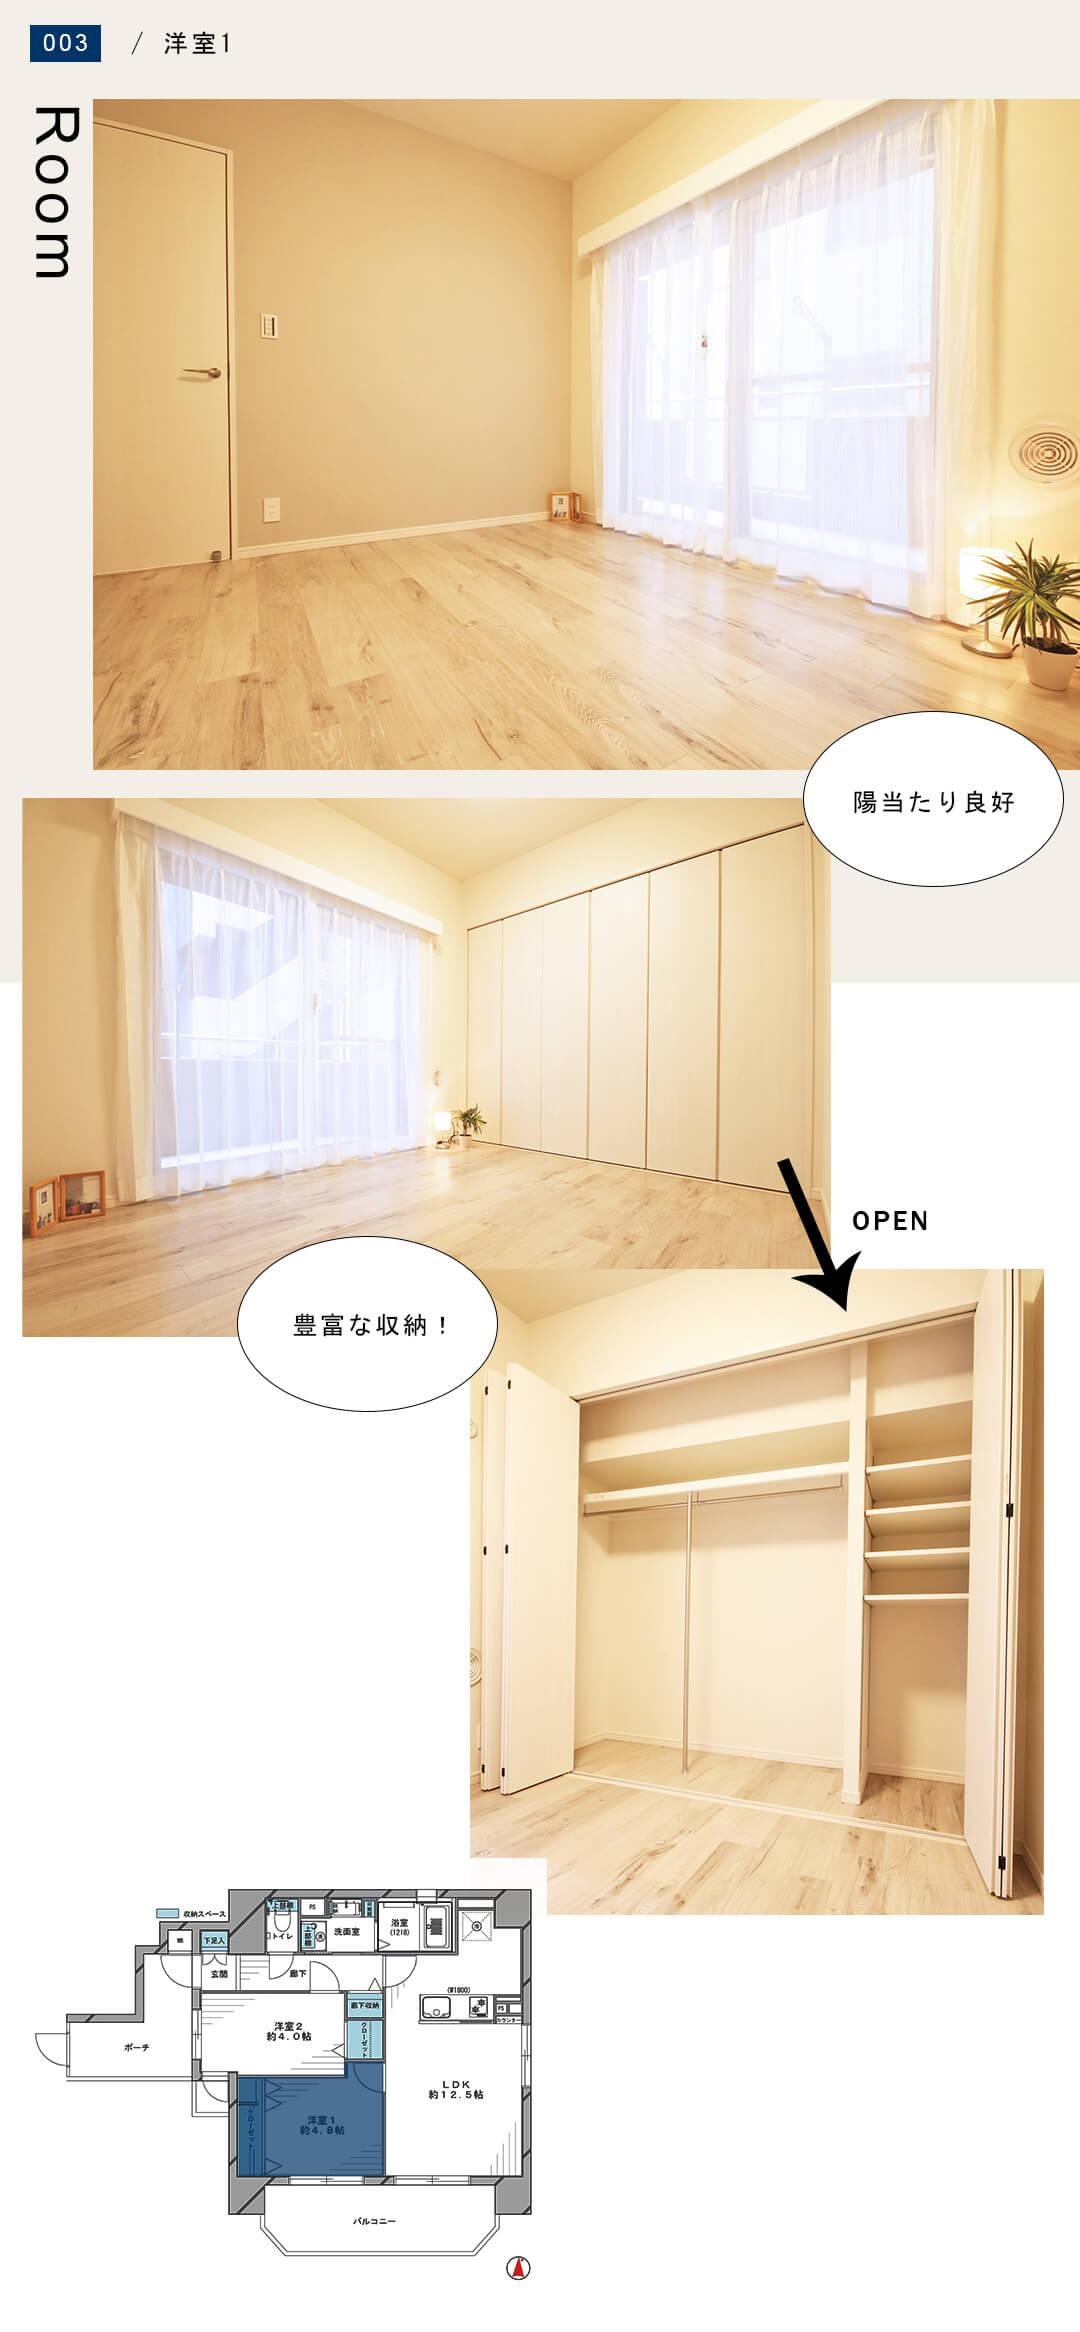 菱和パレス錦糸町 203号室の洋室1